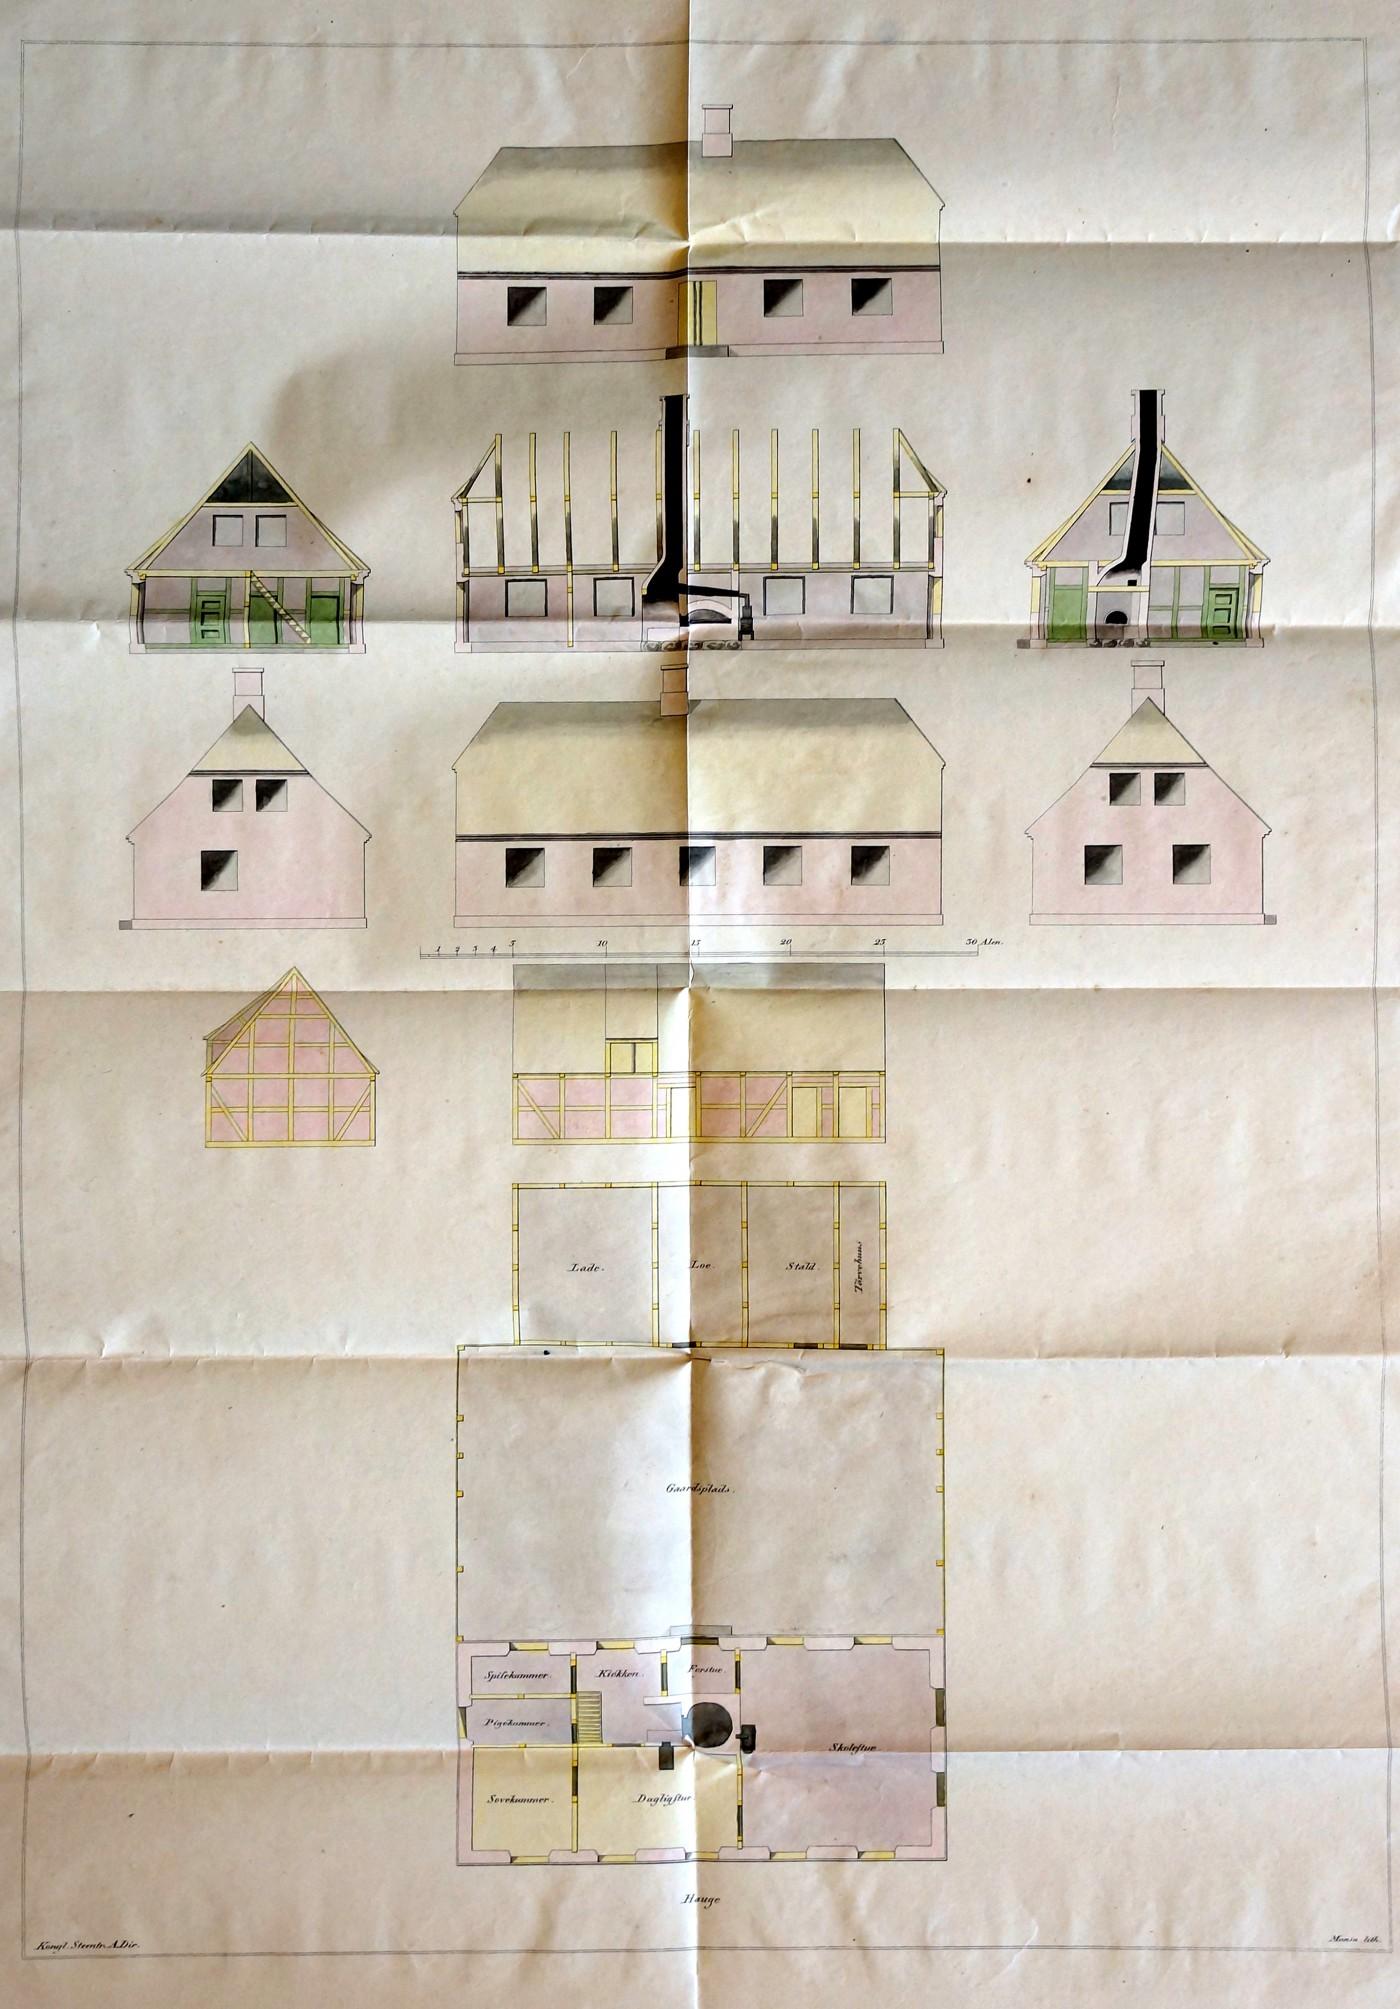 Kancelliets planche blev udsendt i 1829 til amtsskoledirektionerne som model for de ny lokale skoler.